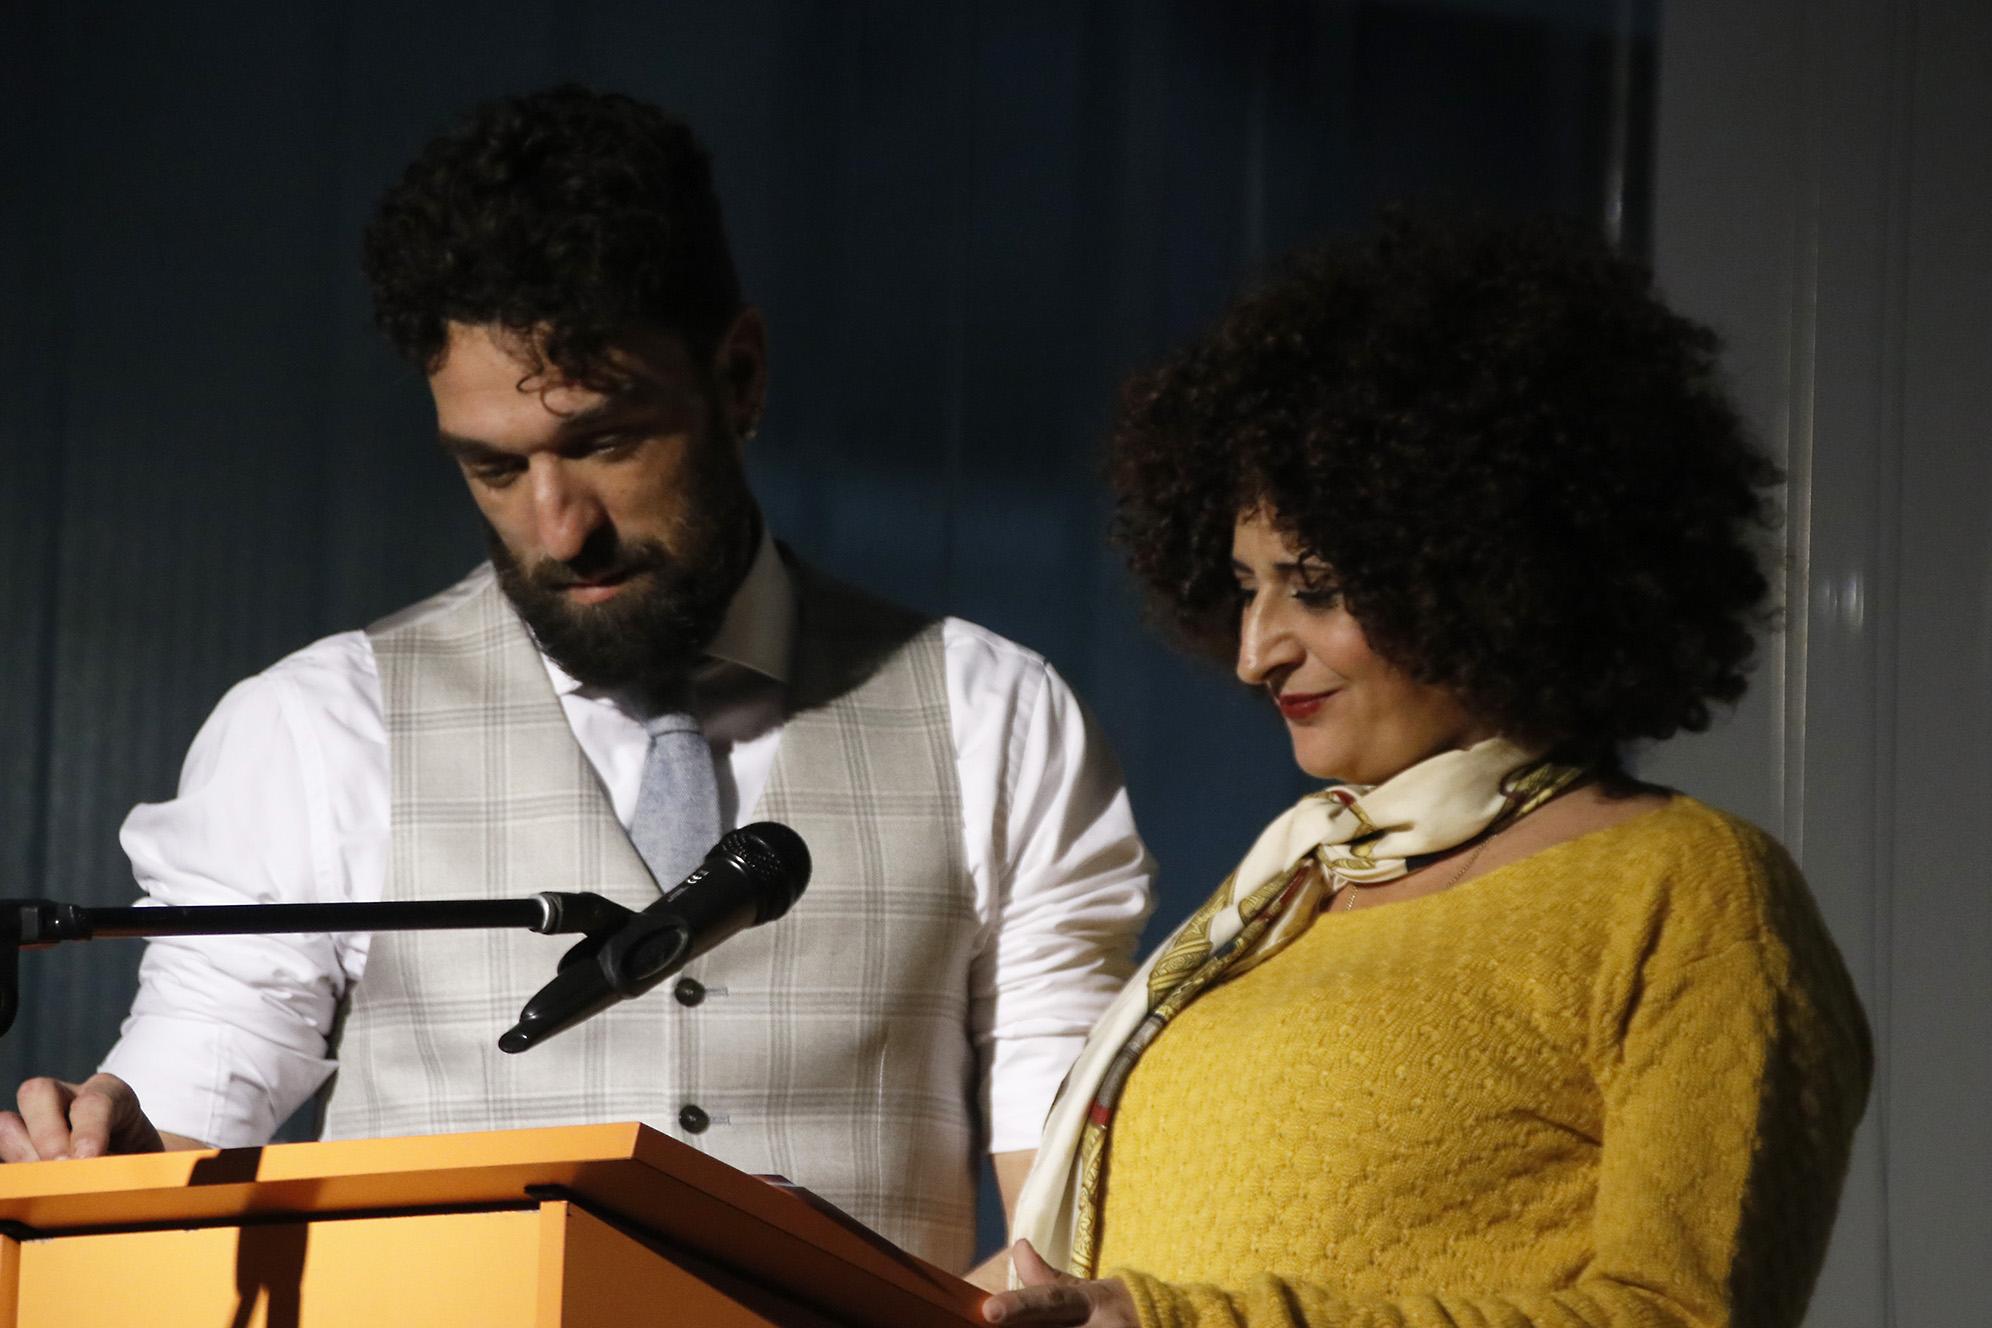 La Asociación de Escritoras y Escritores Cinematográficos de Andalucía ha anunciado esta mañana las candidaturas a los 31º Premios ASECAN